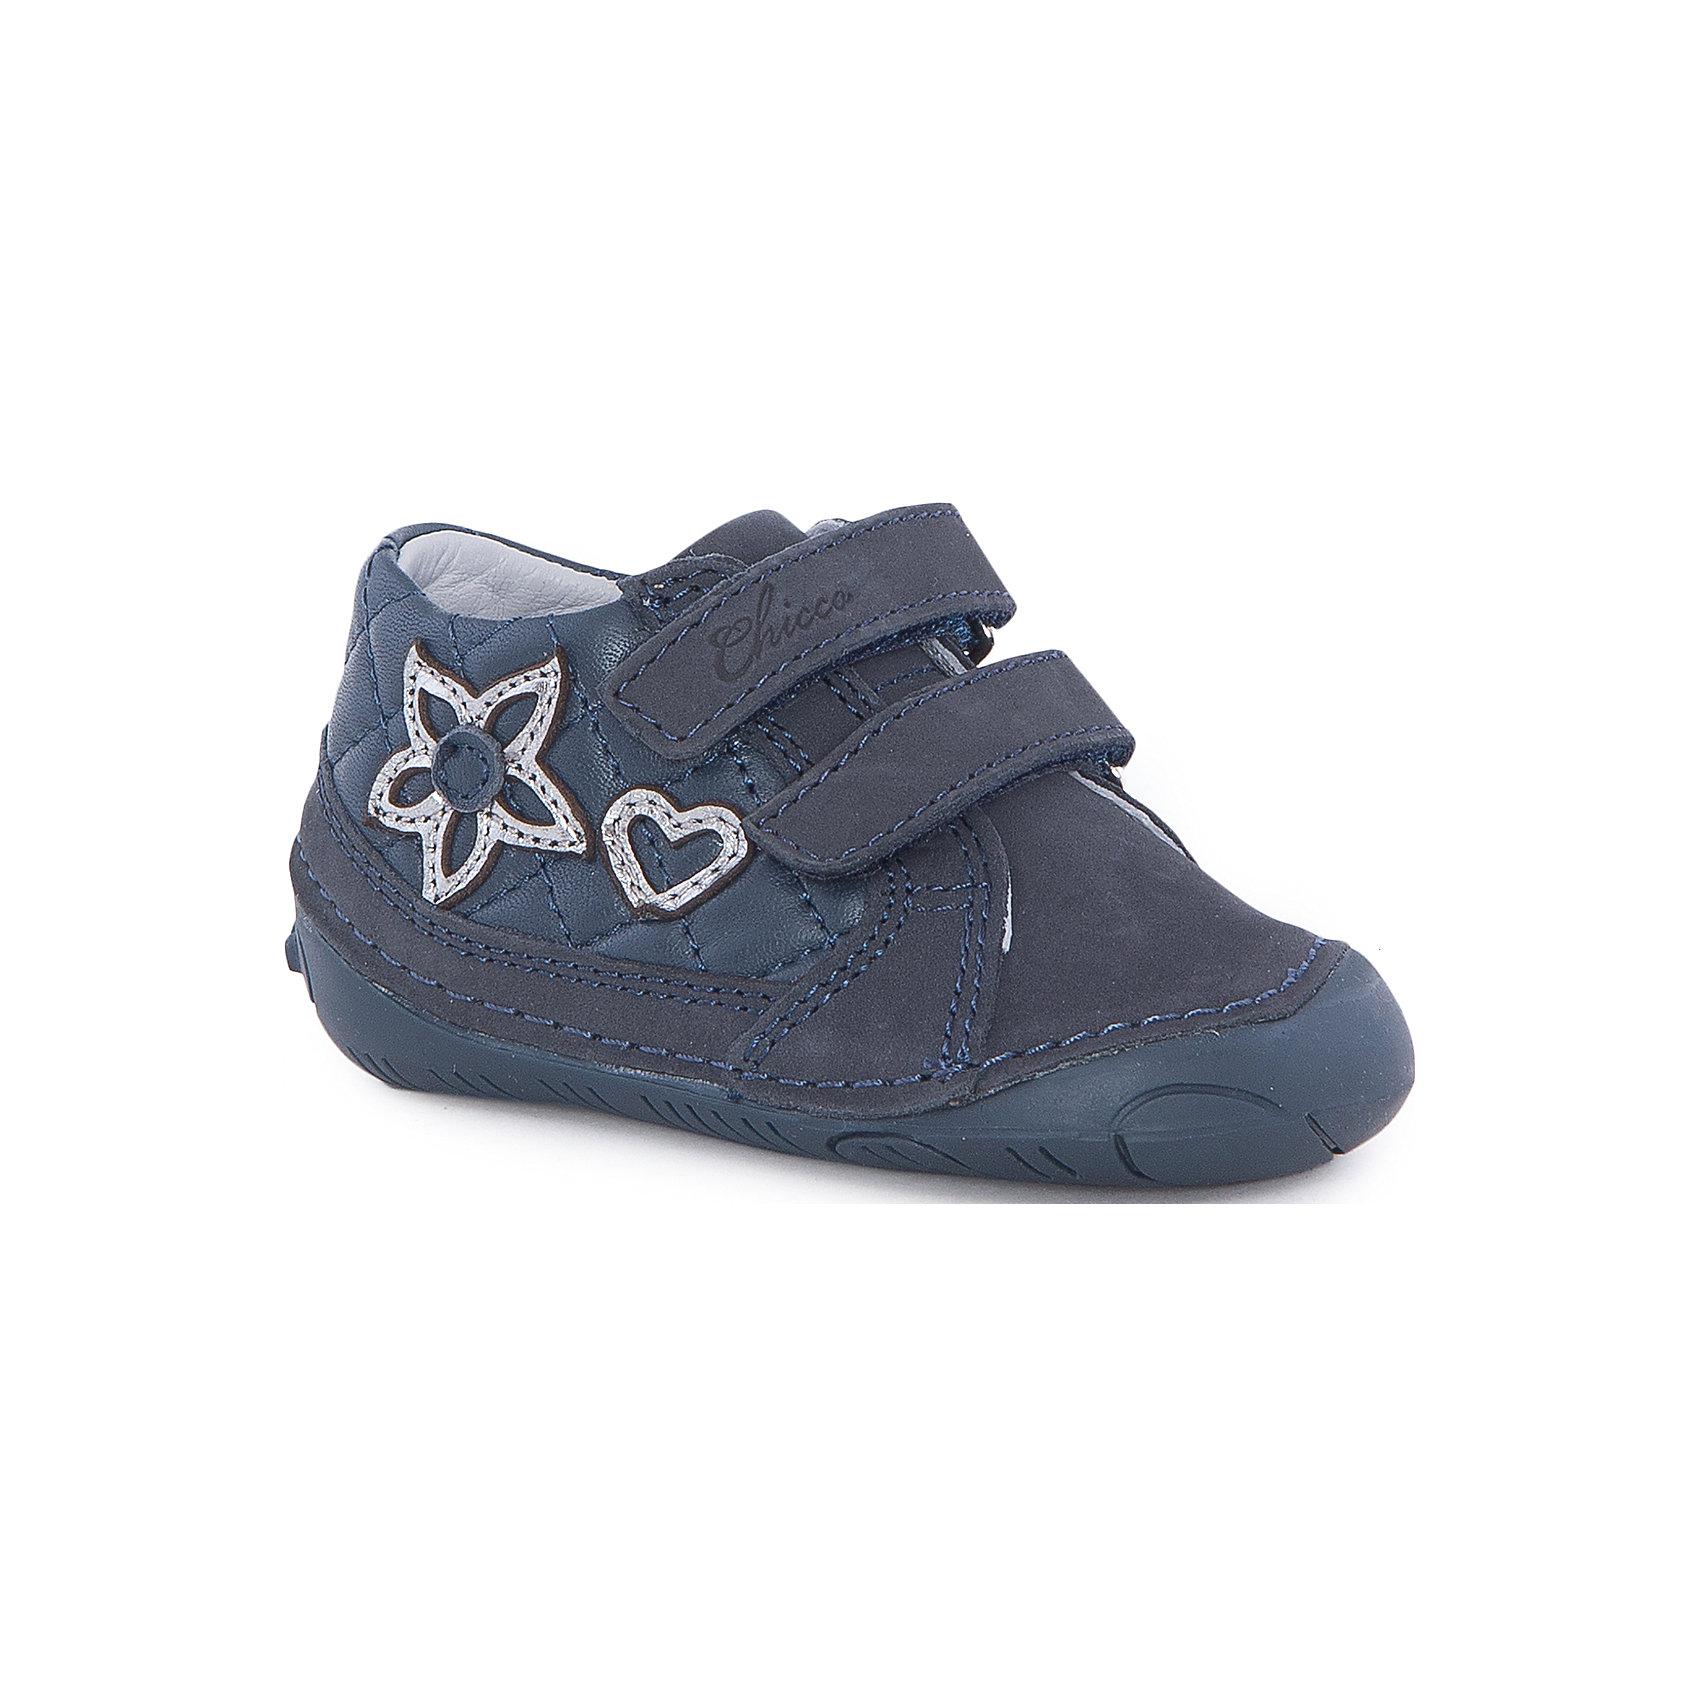 Полуботинки  для девочки  CHICCOОбувь для малышей<br>Полуботинки для девочки CHICCO<br><br>Характеристики:<br><br>Тип застежки: липучки, 2 шт.<br>Тип обуви: спортивные<br>Особенности обуви: усиленный носок<br>Декоративные элементы: стеганые квадраты; добавочные элементы, сердце и цветок<br>Цвет: синий<br><br>Материал: 100% кожа<br><br>Полуботинки для девочки CHICCO можно купить в нашем интернет-магазине.<br><br>Ширина мм: 262<br>Глубина мм: 176<br>Высота мм: 97<br>Вес г: 427<br>Цвет: синий<br>Возраст от месяцев: 12<br>Возраст до месяцев: 15<br>Пол: Женский<br>Возраст: Детский<br>Размер: 21,19,20<br>SKU: 5082855